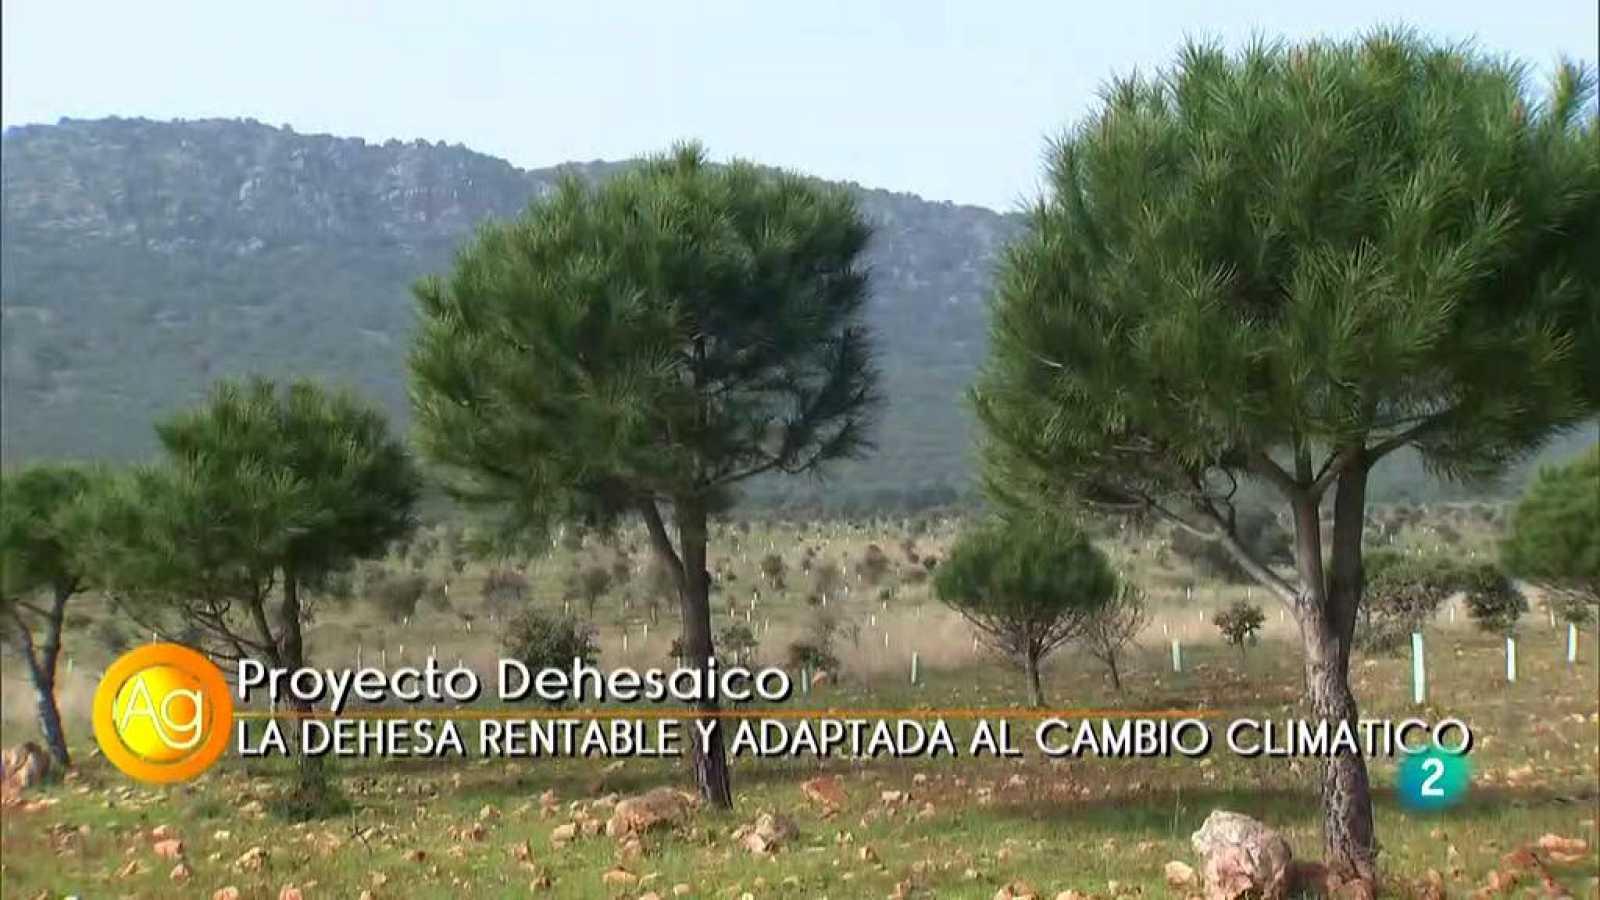 Proyecto Dehesaico #RTVEObjetivoIgualdad